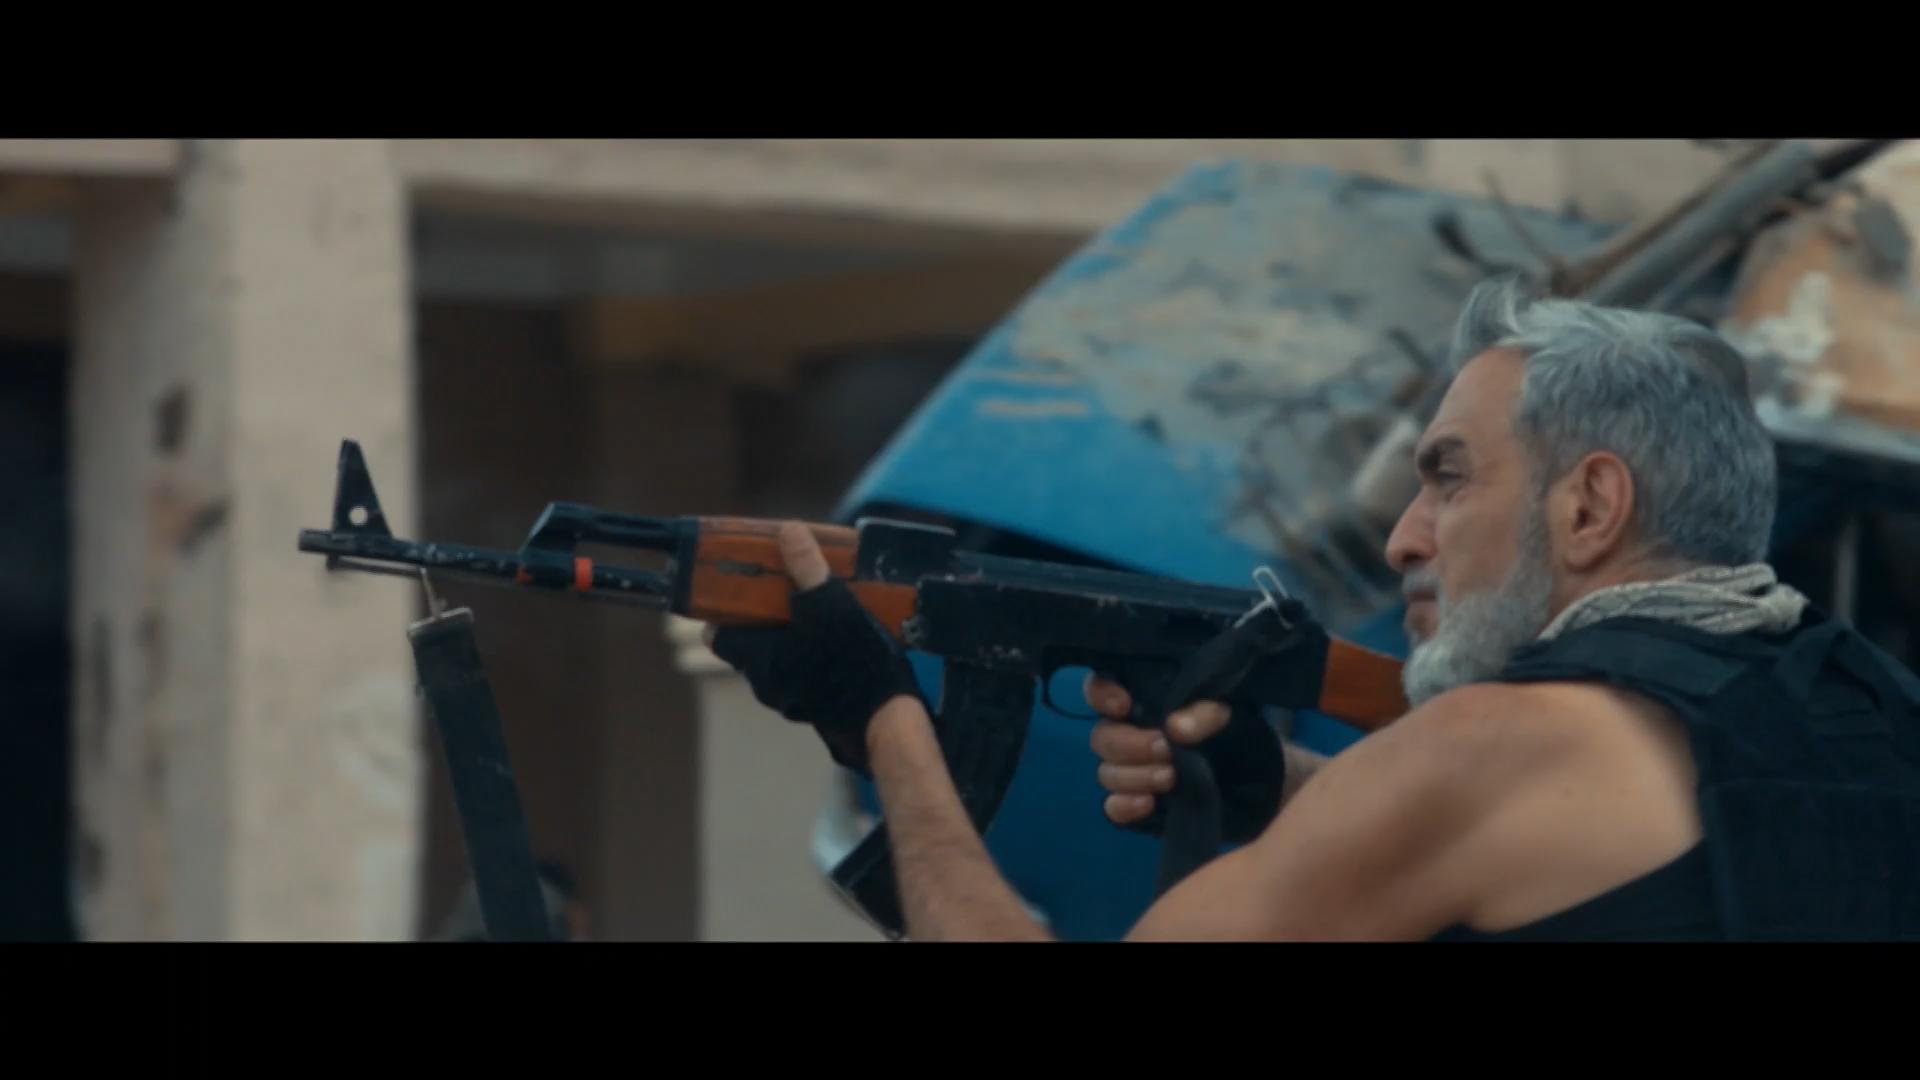 [فيلم][تورنت][تحميل][حملة فرعون][2019][1080p][Web-DL] 6 arabp2p.com